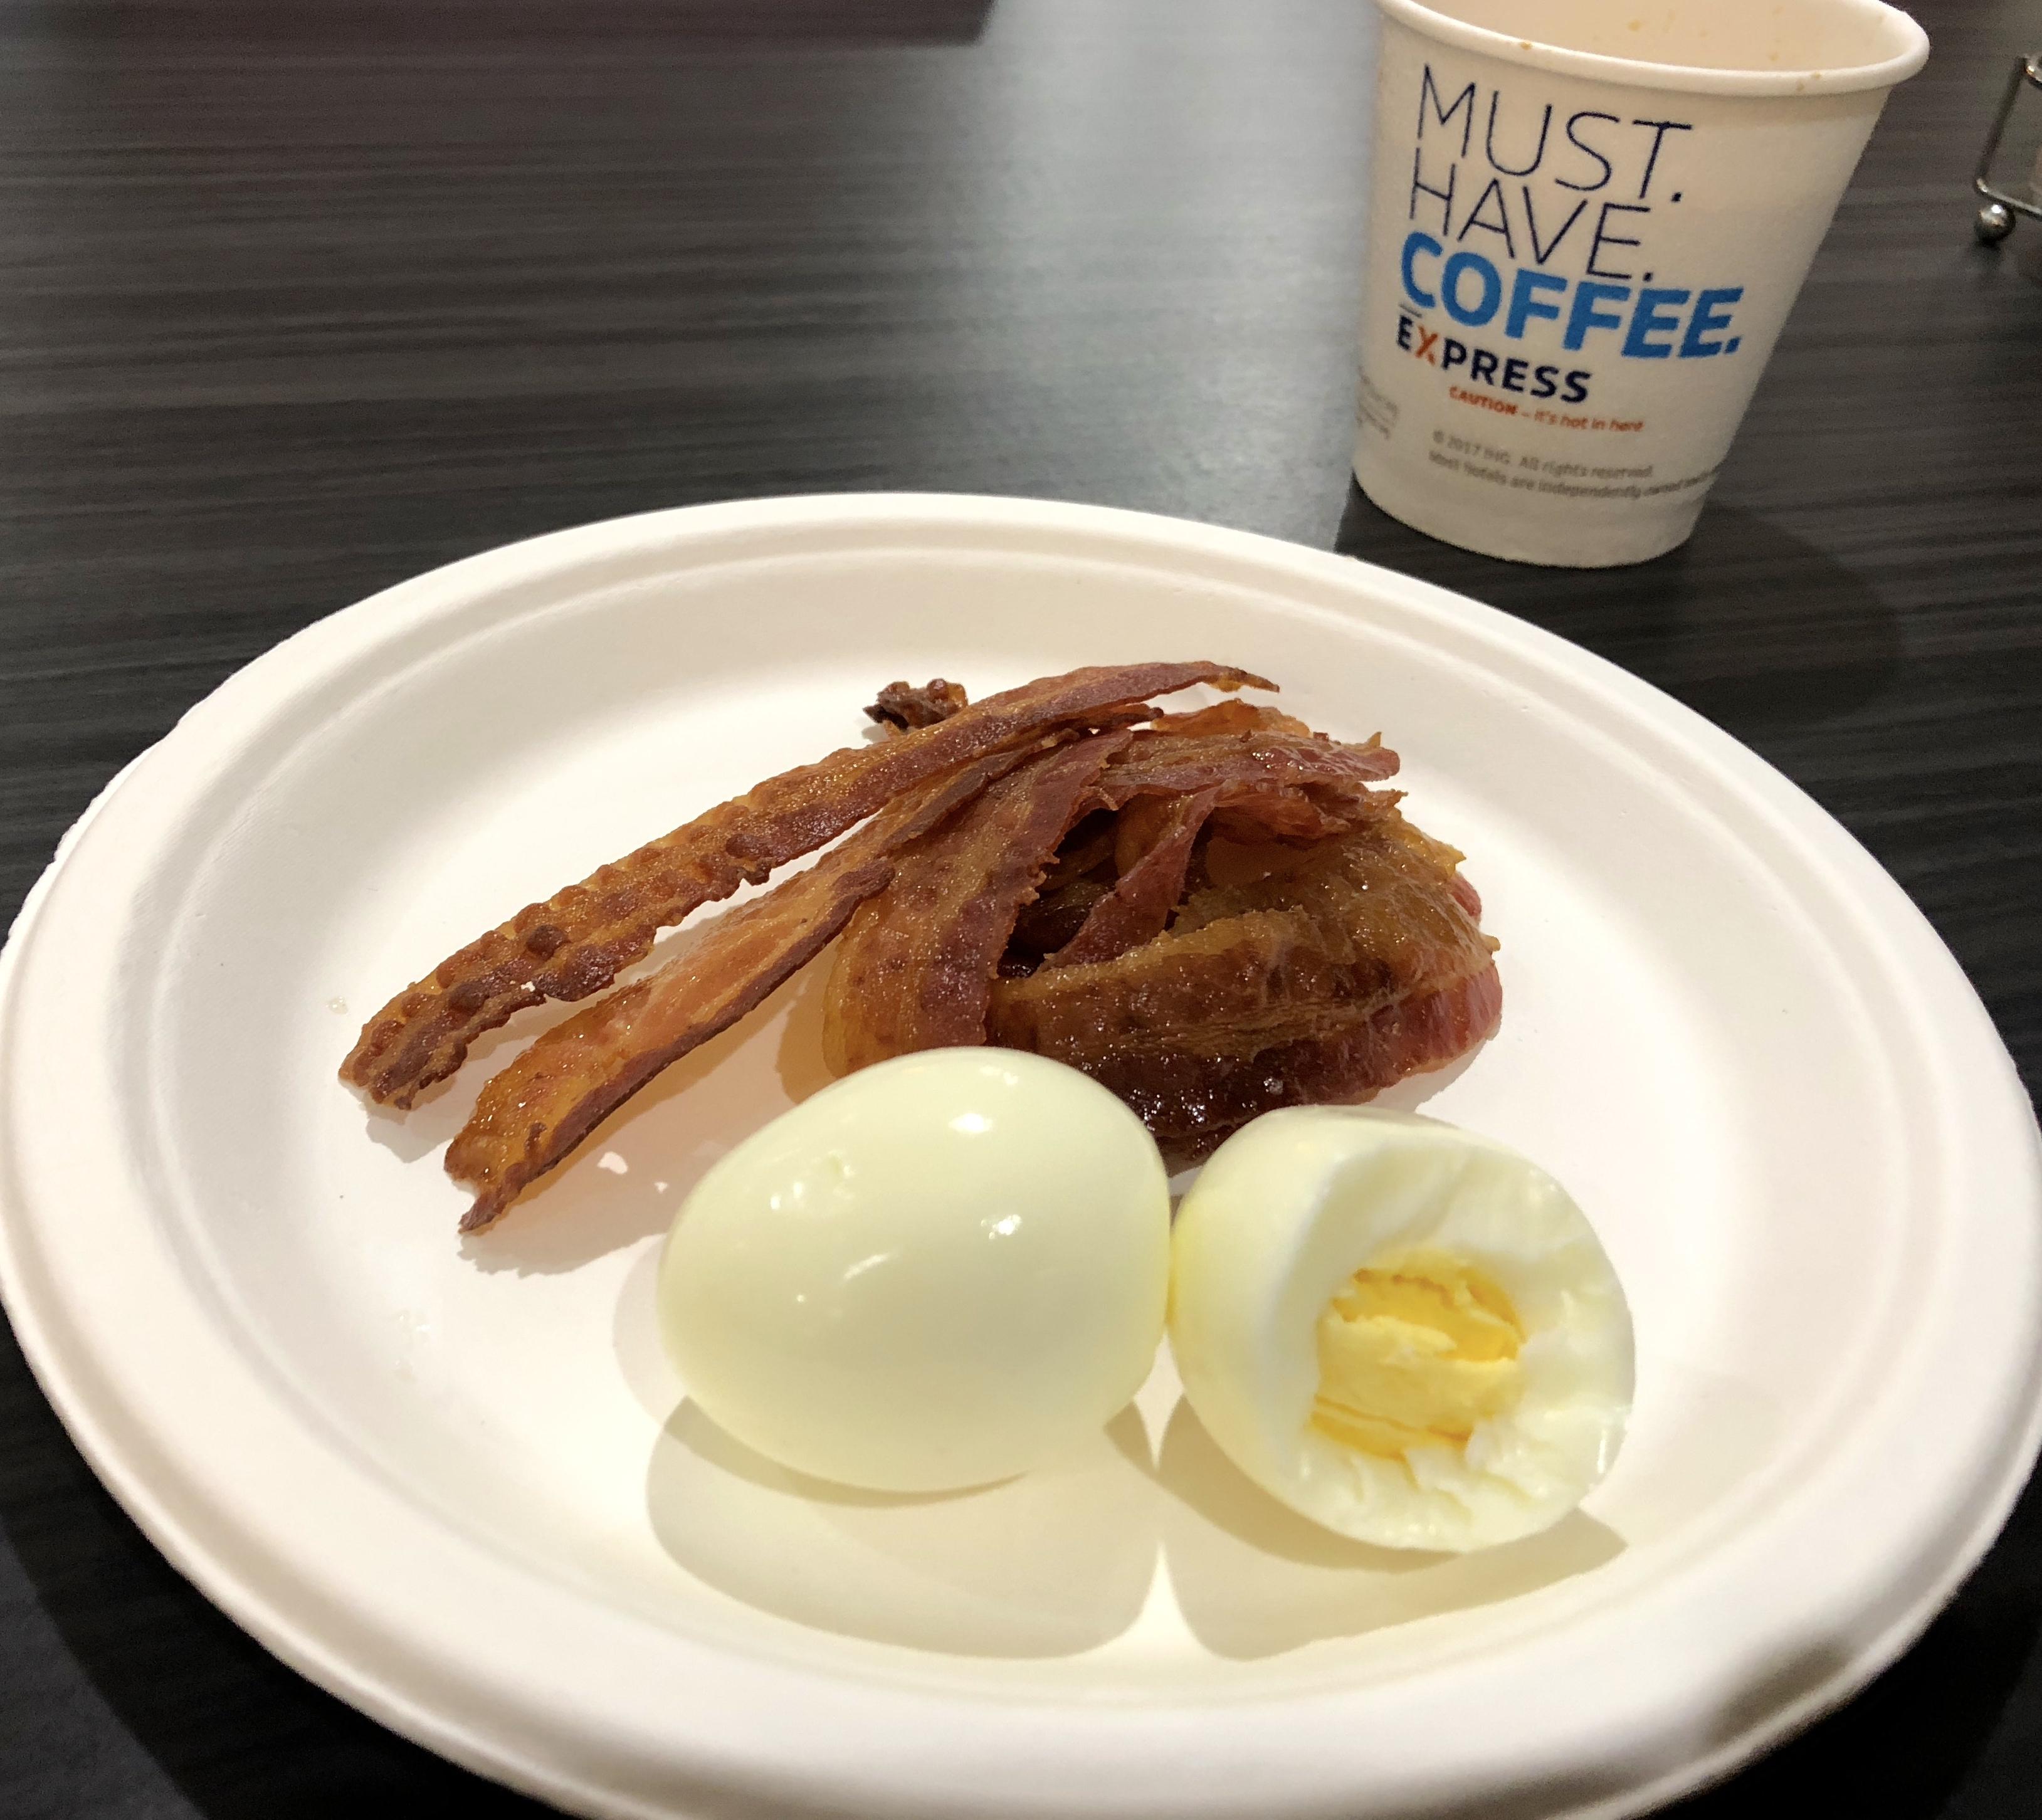 Breakfast_Image1.JPG